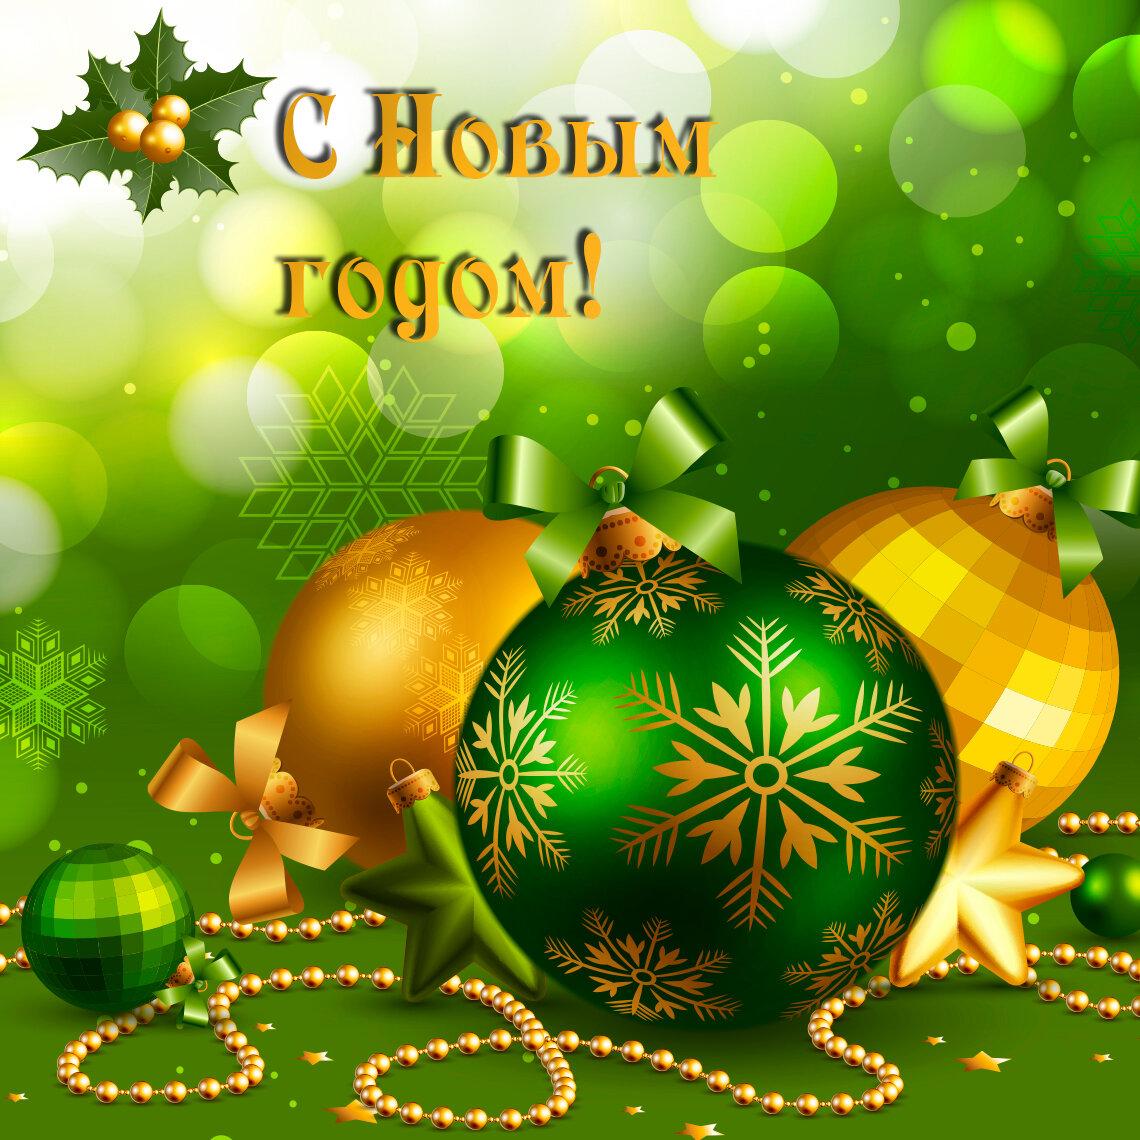 Красивые новогодние открытки онлайн, руси картинки поздравления